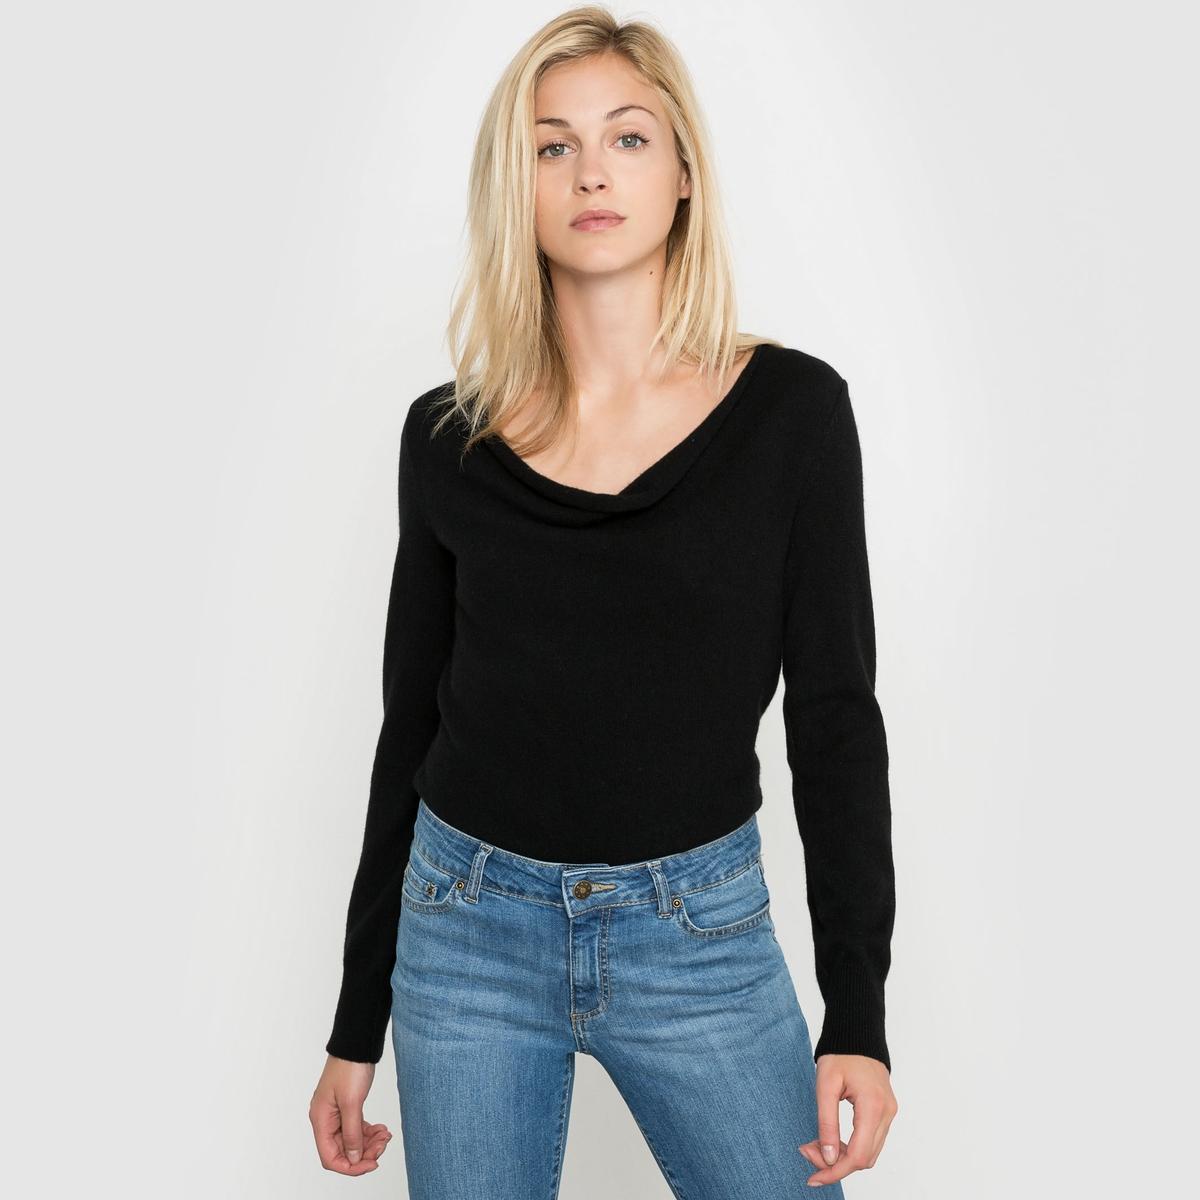 Пуловер с драпировкой на вырезе, 100% кашемираПуловер с драпировкой на вырезе. Длинные рукава. Края рукавов и низа связаны в рубчик. Джерси, 100% кашемира. Длина 64 см.<br><br>Цвет: бежевый меланж,серый меланж,темно-синий,черный<br>Размер: 34/36 (FR) - 40/42 (RUS).42/44 (FR) - 48/50 (RUS).38/40 (FR) - 44/46 (RUS).42/44 (FR) - 48/50 (RUS).46/48 (FR) - 52/54 (RUS).34/36 (FR) - 40/42 (RUS).38/40 (FR) - 44/46 (RUS).42/44 (FR) - 48/50 (RUS).50/52 (FR) - 56/58 (RUS).50/52 (FR) - 56/58 (RUS)